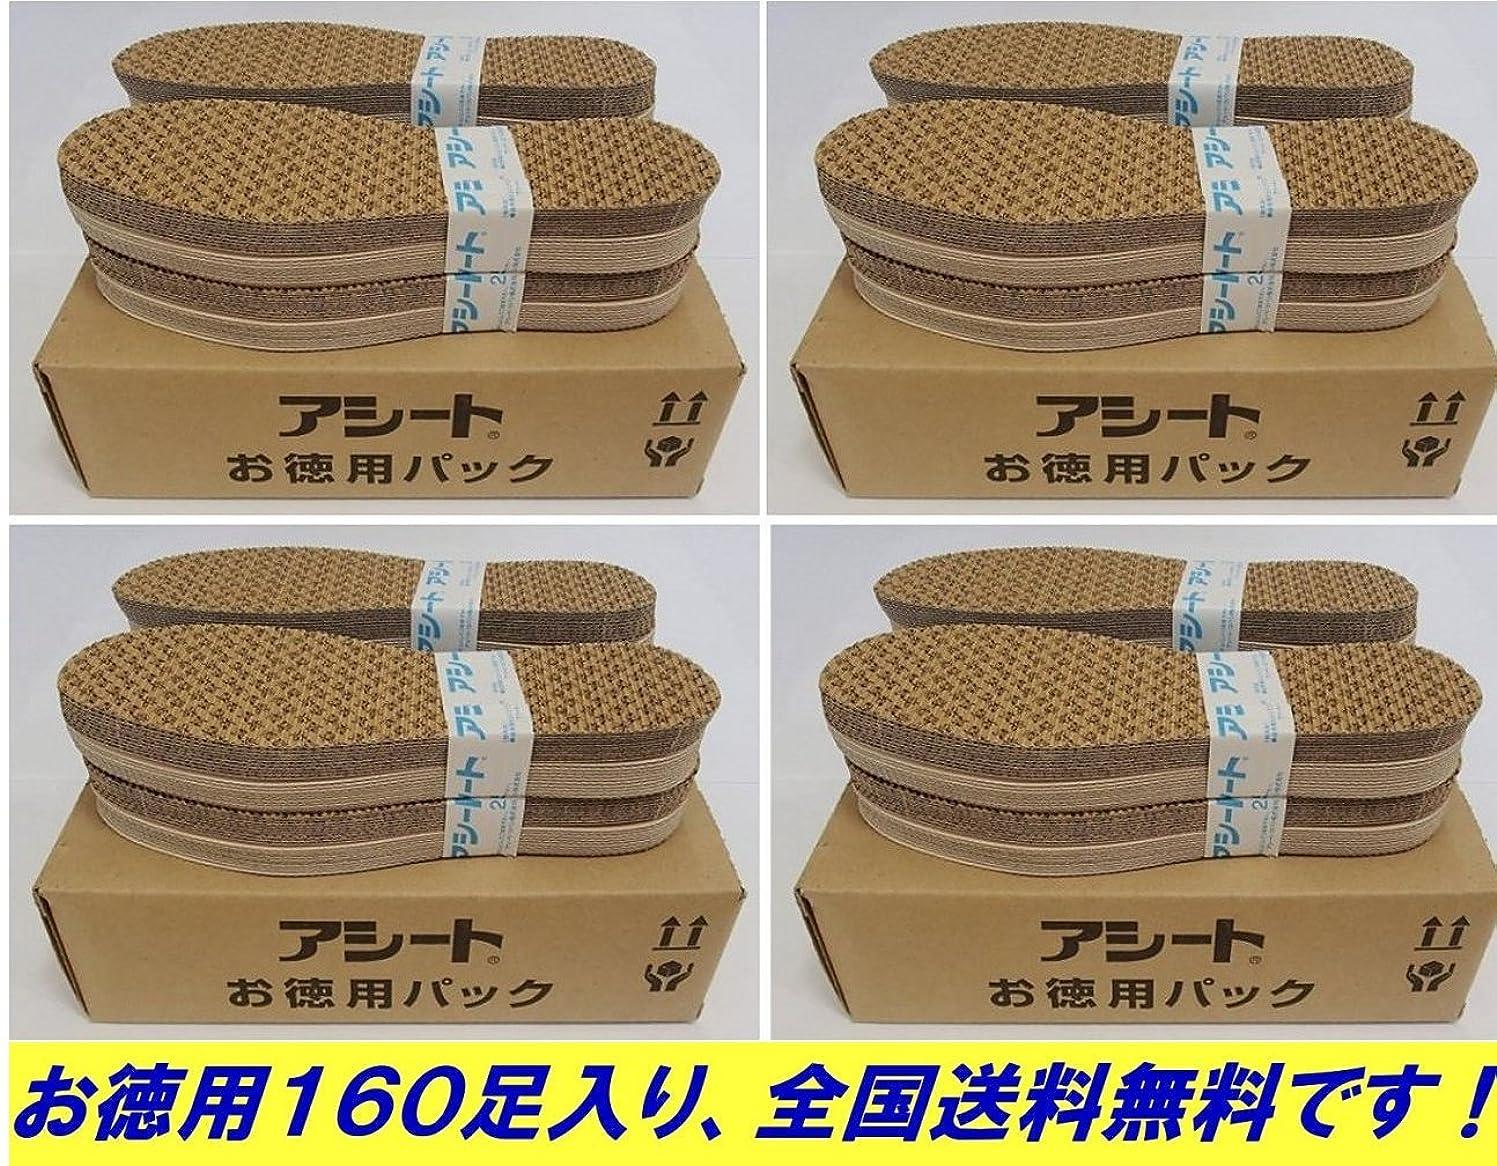 工業化する保存する一見アシートOタイプ40足入お徳用4パックの160足セット (25.5~26cm 男性靴用)